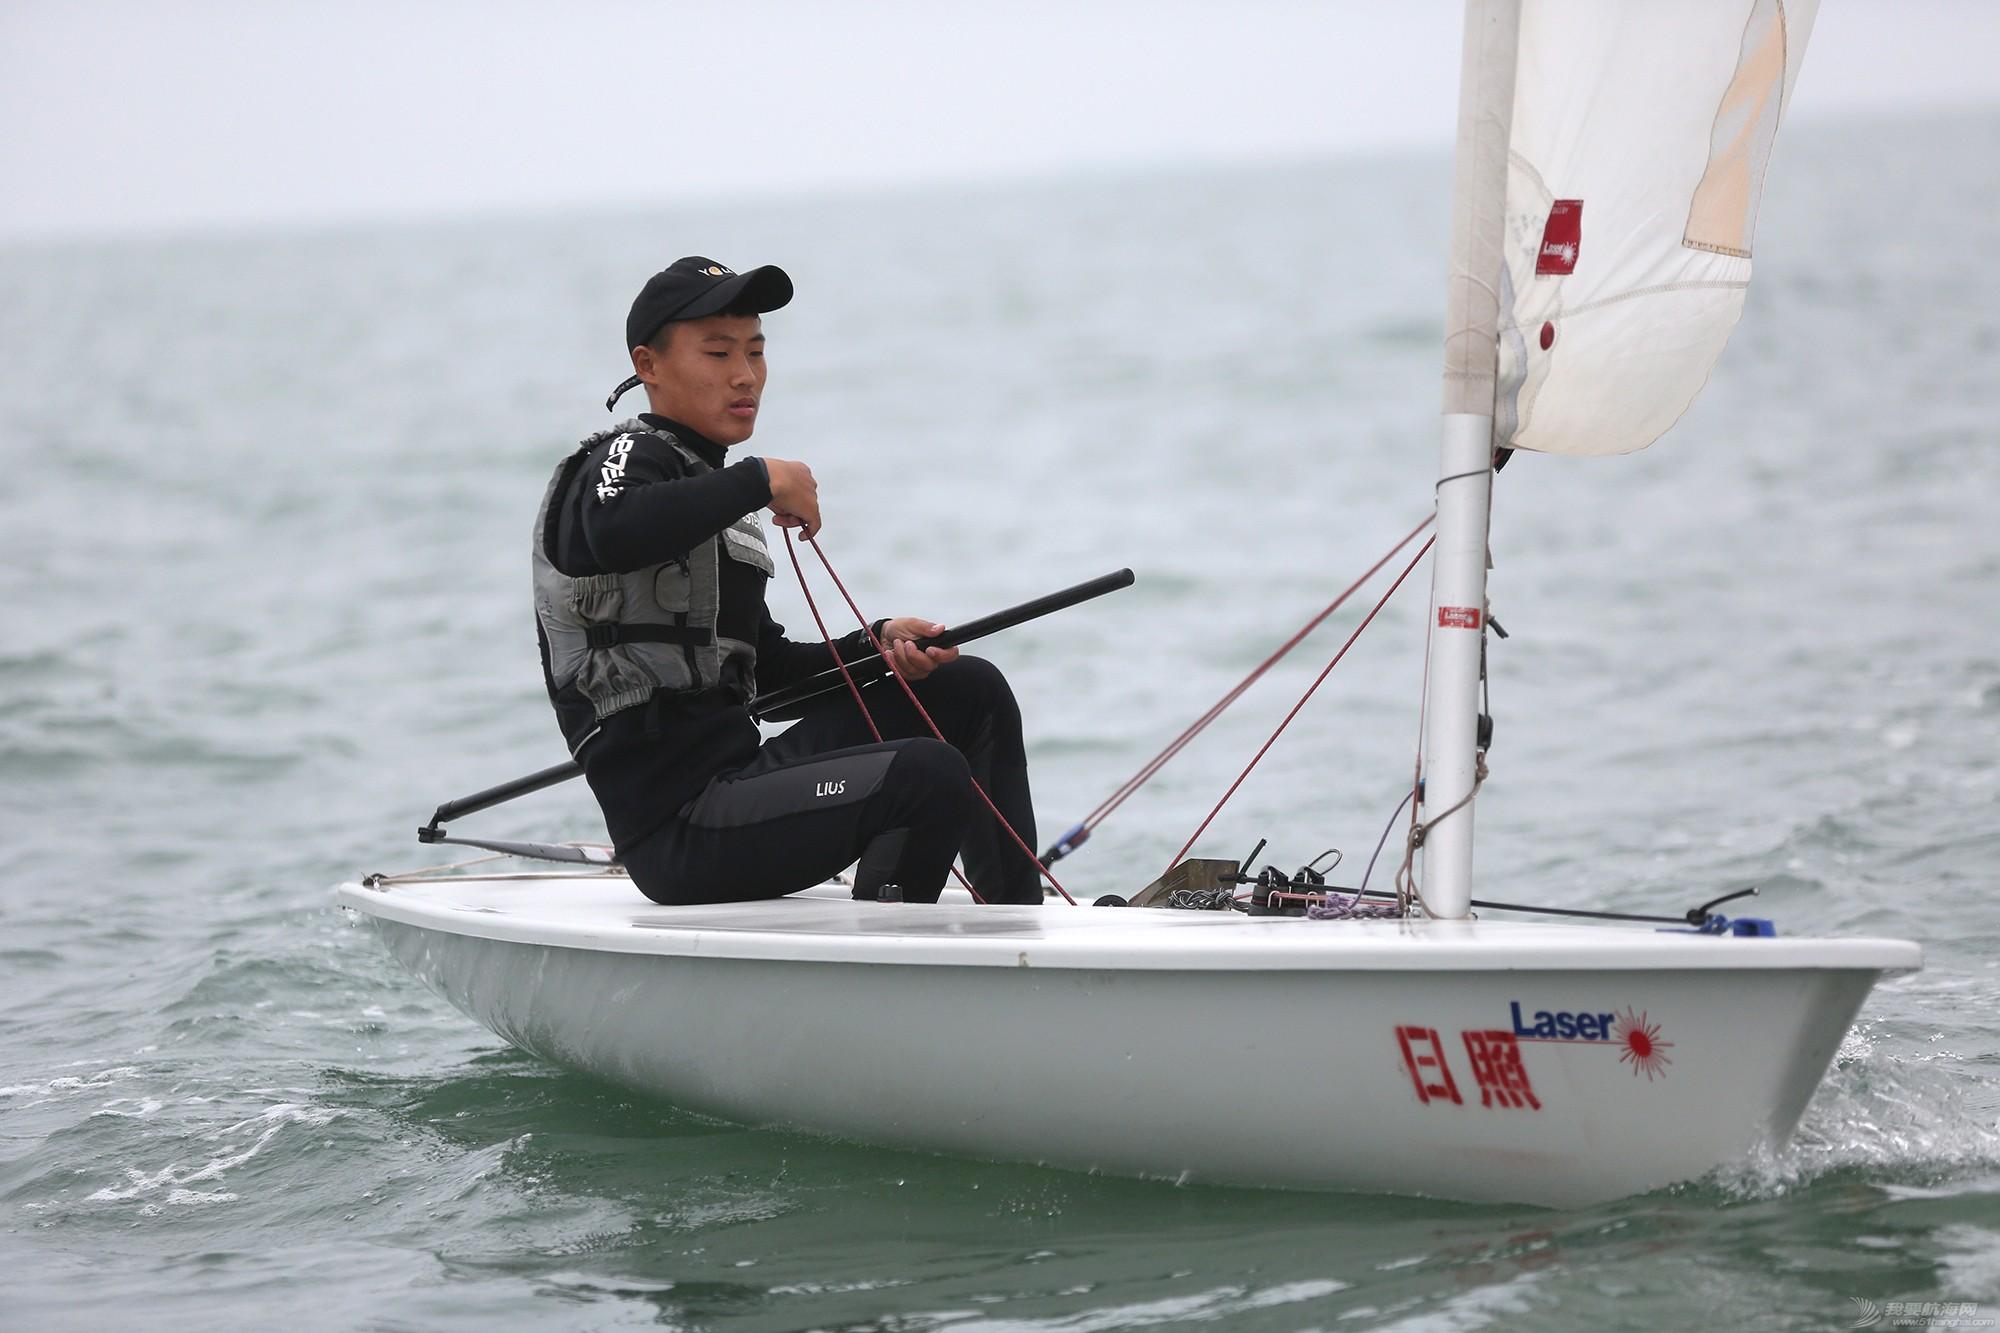 山东省,运动员,冠军赛,天气,帆板 风生水起,怎奈个个都是浪里白条——山东省帆船帆板冠军赛第二天赛况 5V8A2857副本.jpg